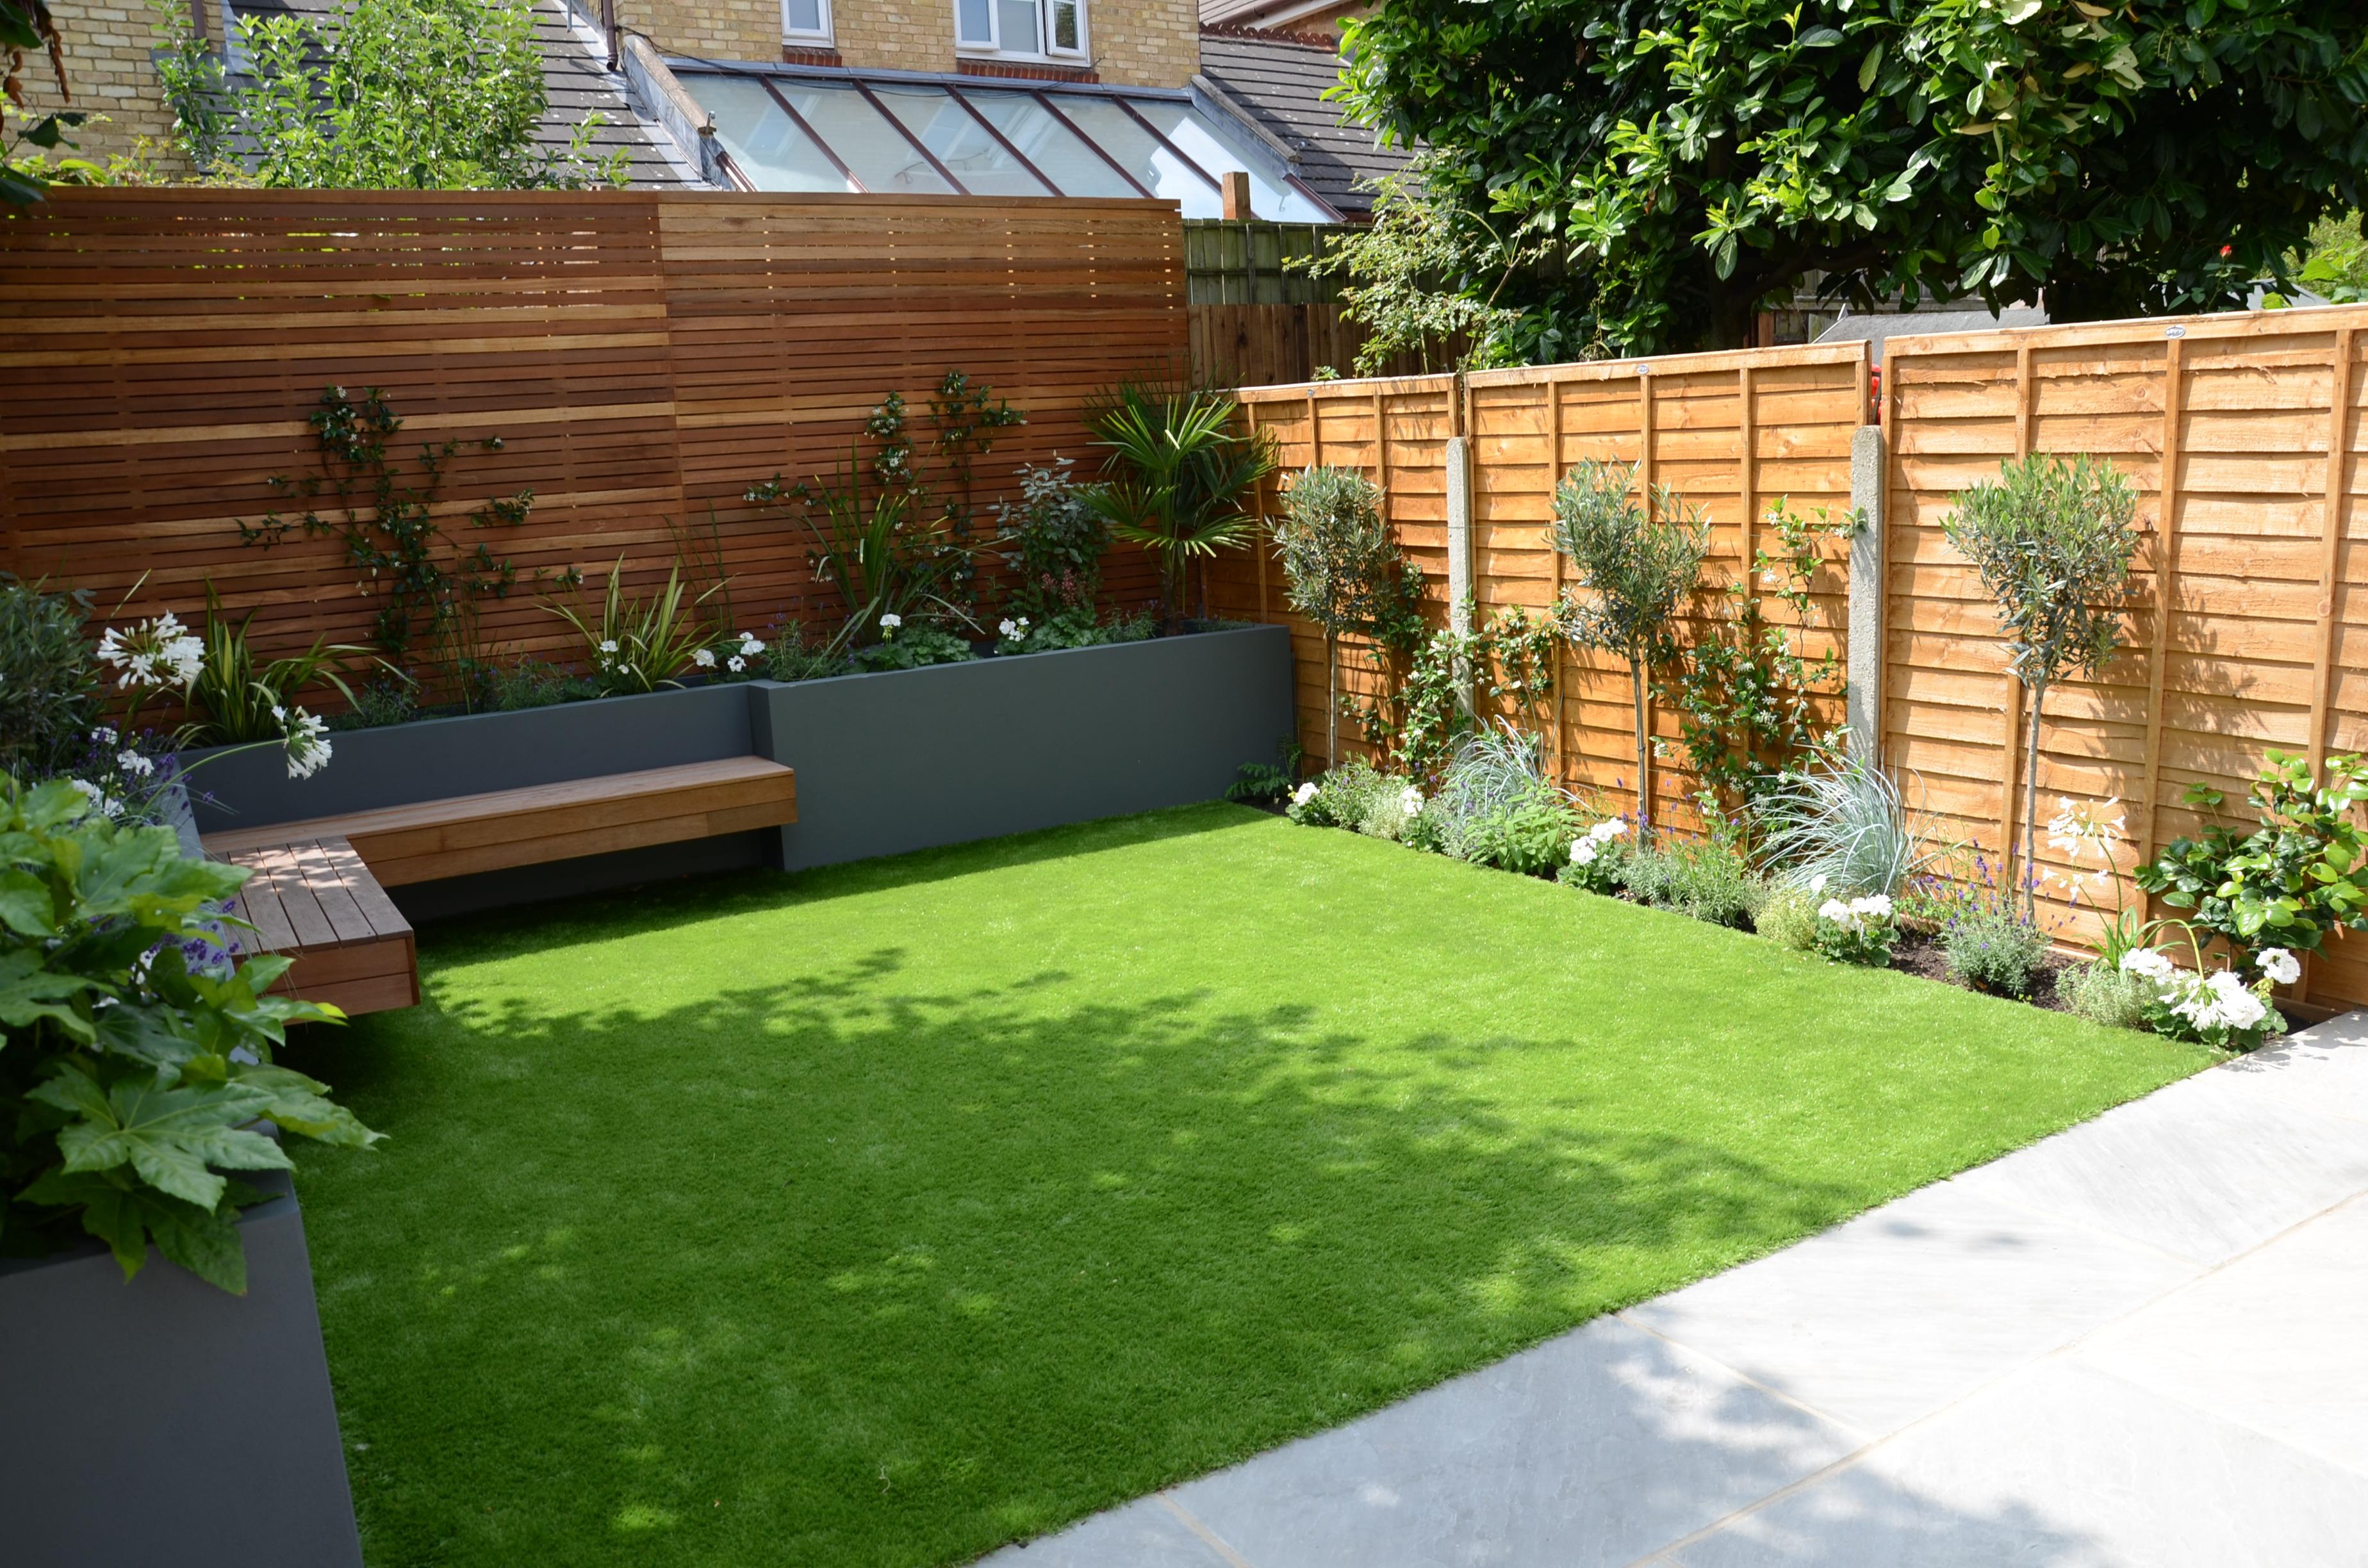 Small garden design fake grass low mainteance contempoary for Garden design job vacancies london